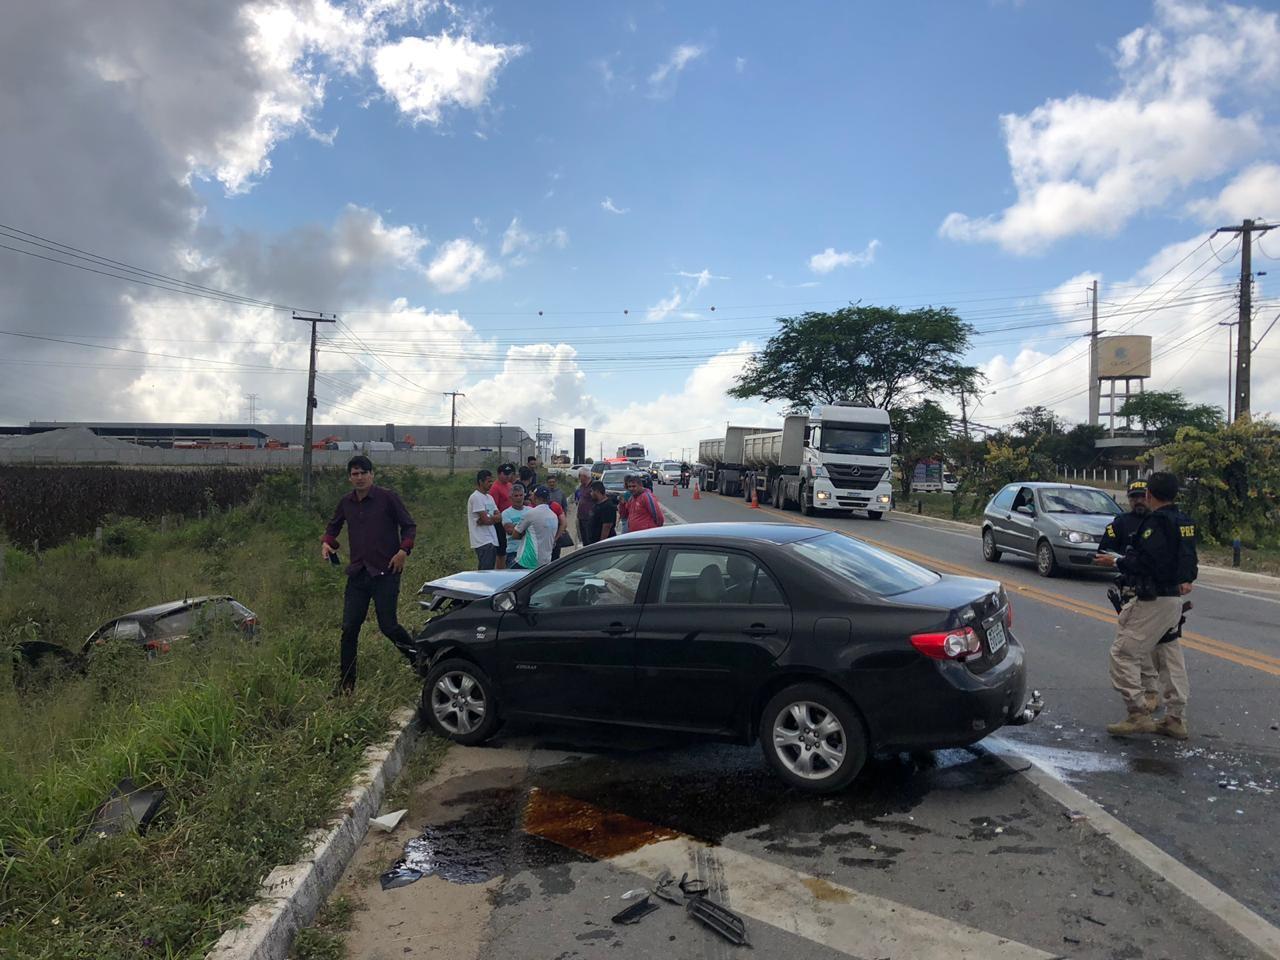 Acidente envolvendo dois carros é registrado na BR-230, em Campina Grande - Notícias - Plantão Diário